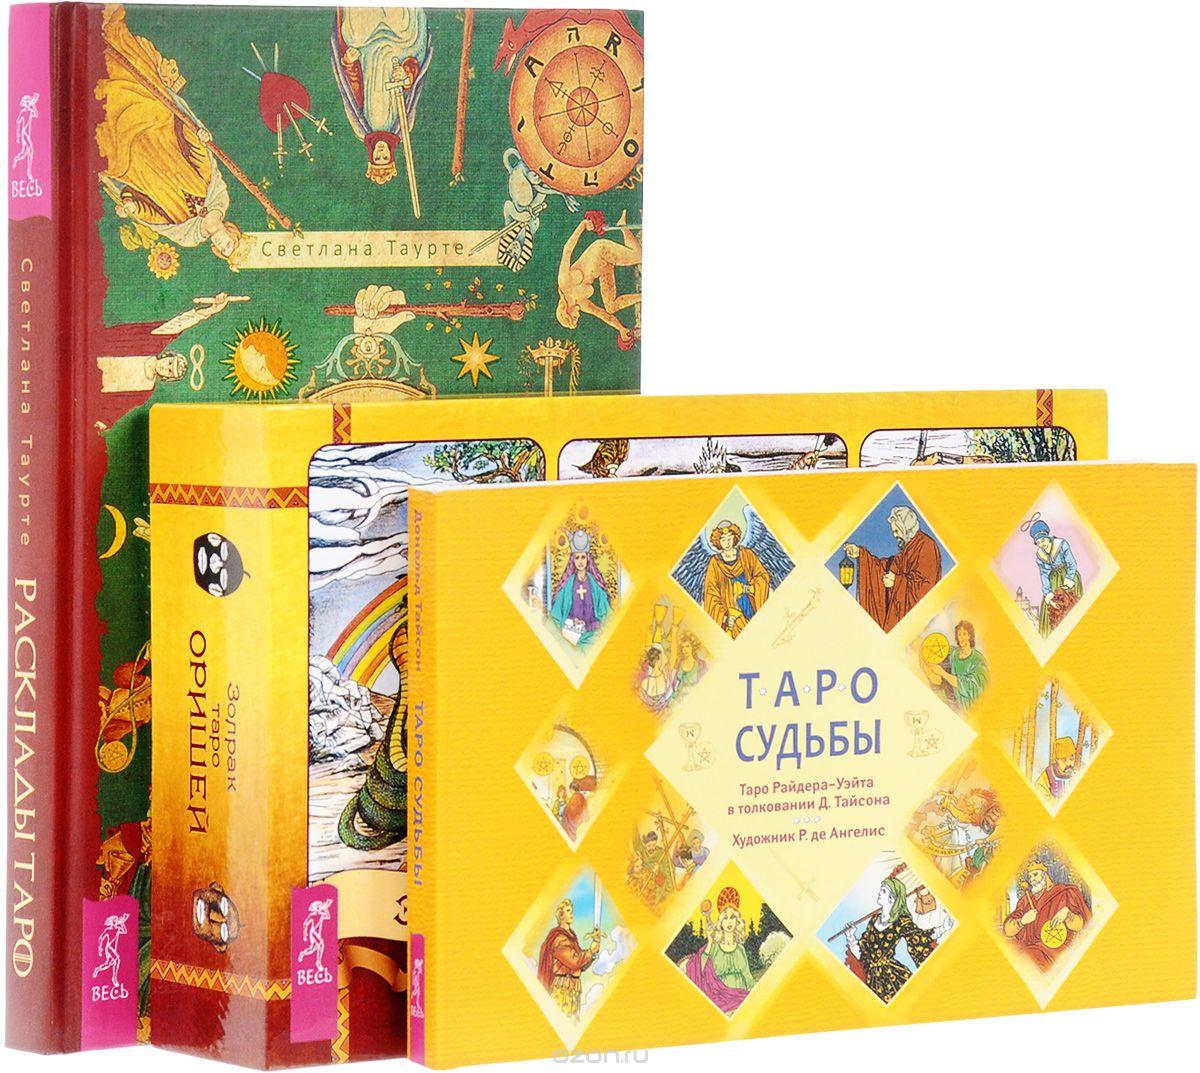 Золрак: Таро Оришей. Таро судьбы. Расклады Таро (комплект из 3 книг + 77 карт)